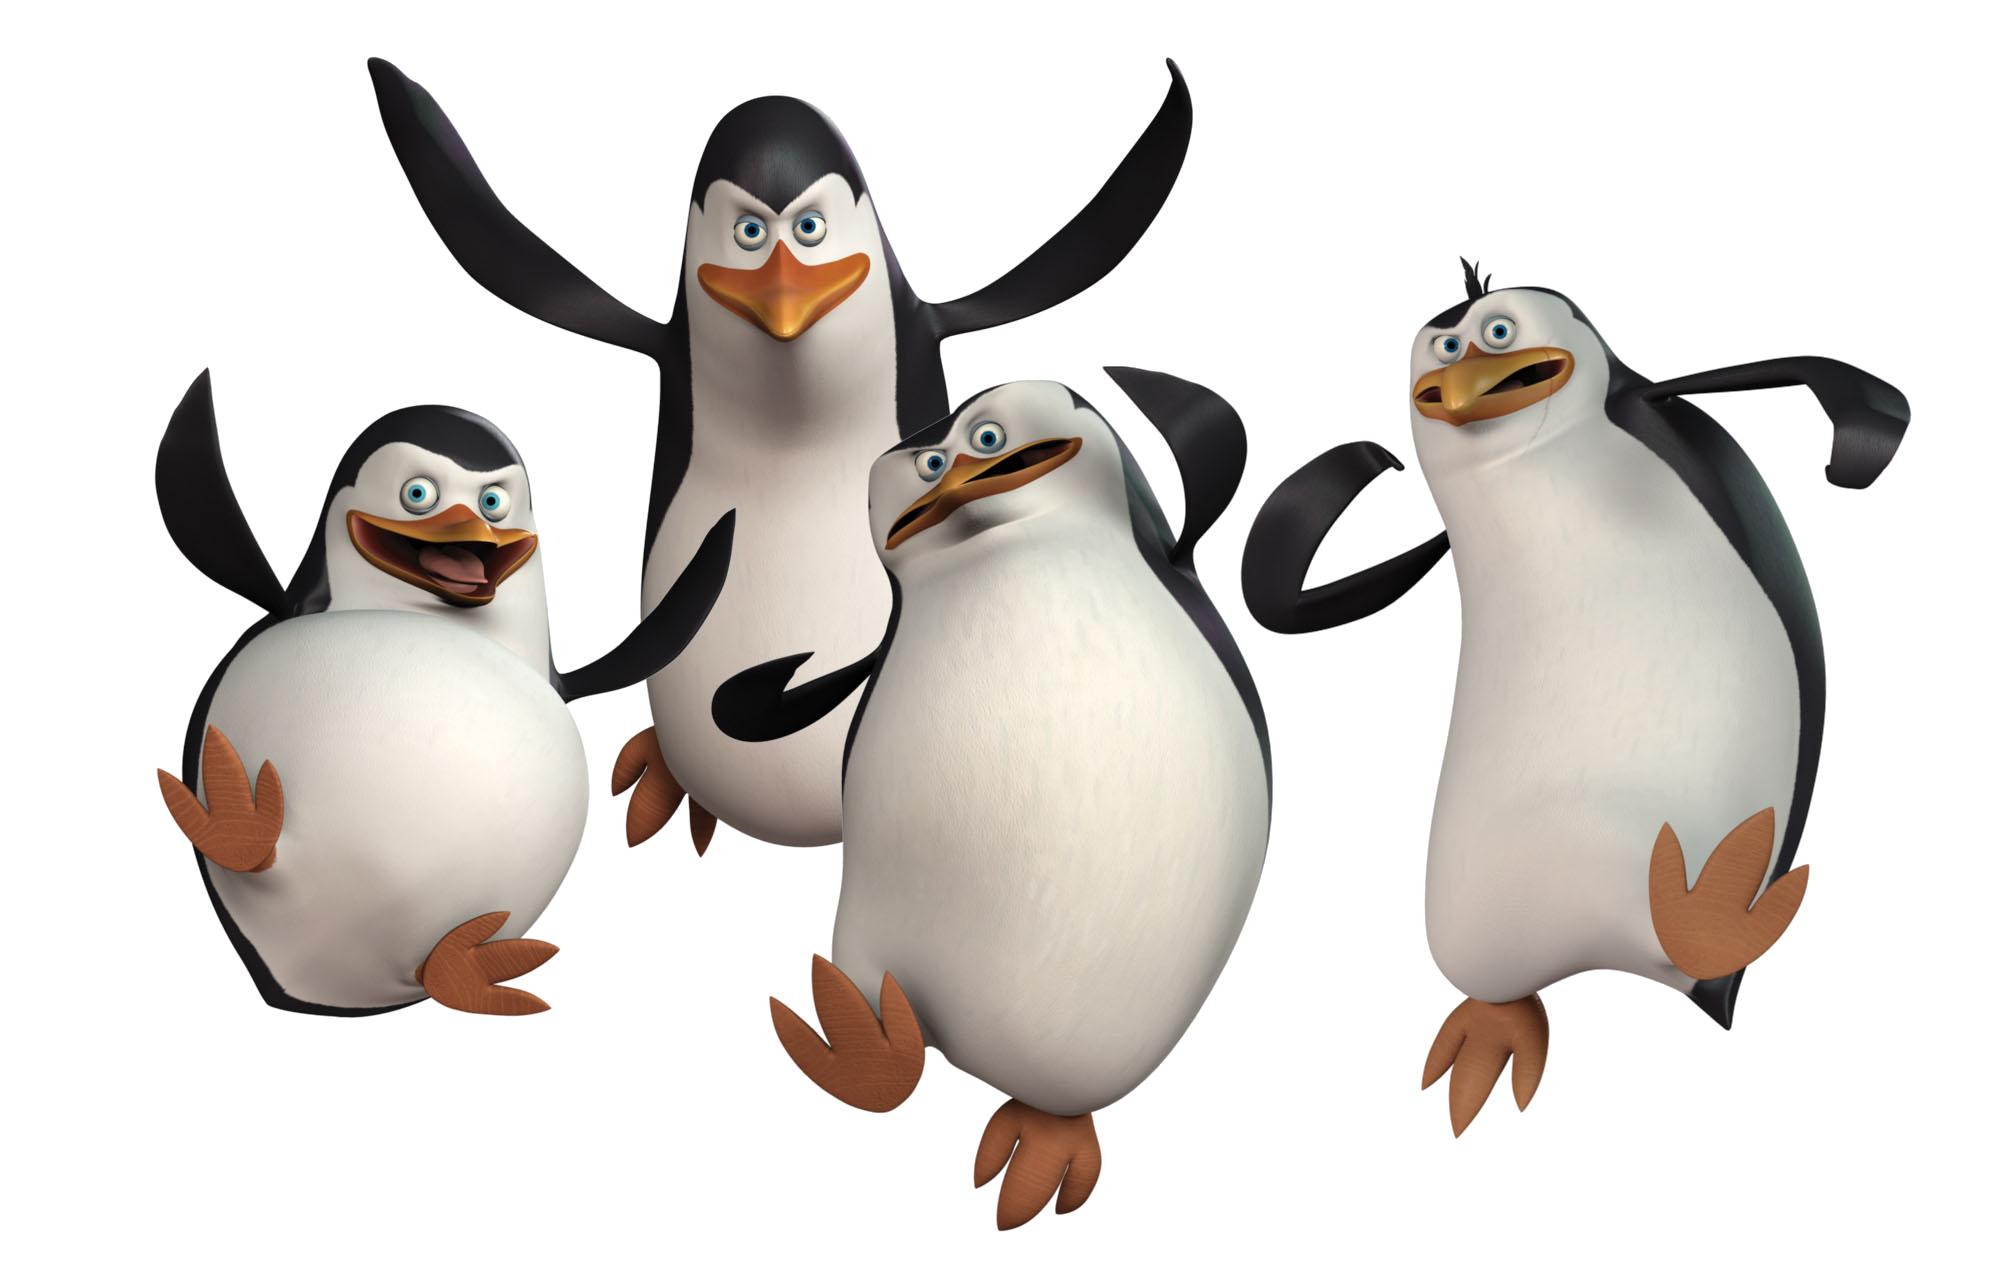 Penguin - Penguin, Transparent background PNG HD thumbnail